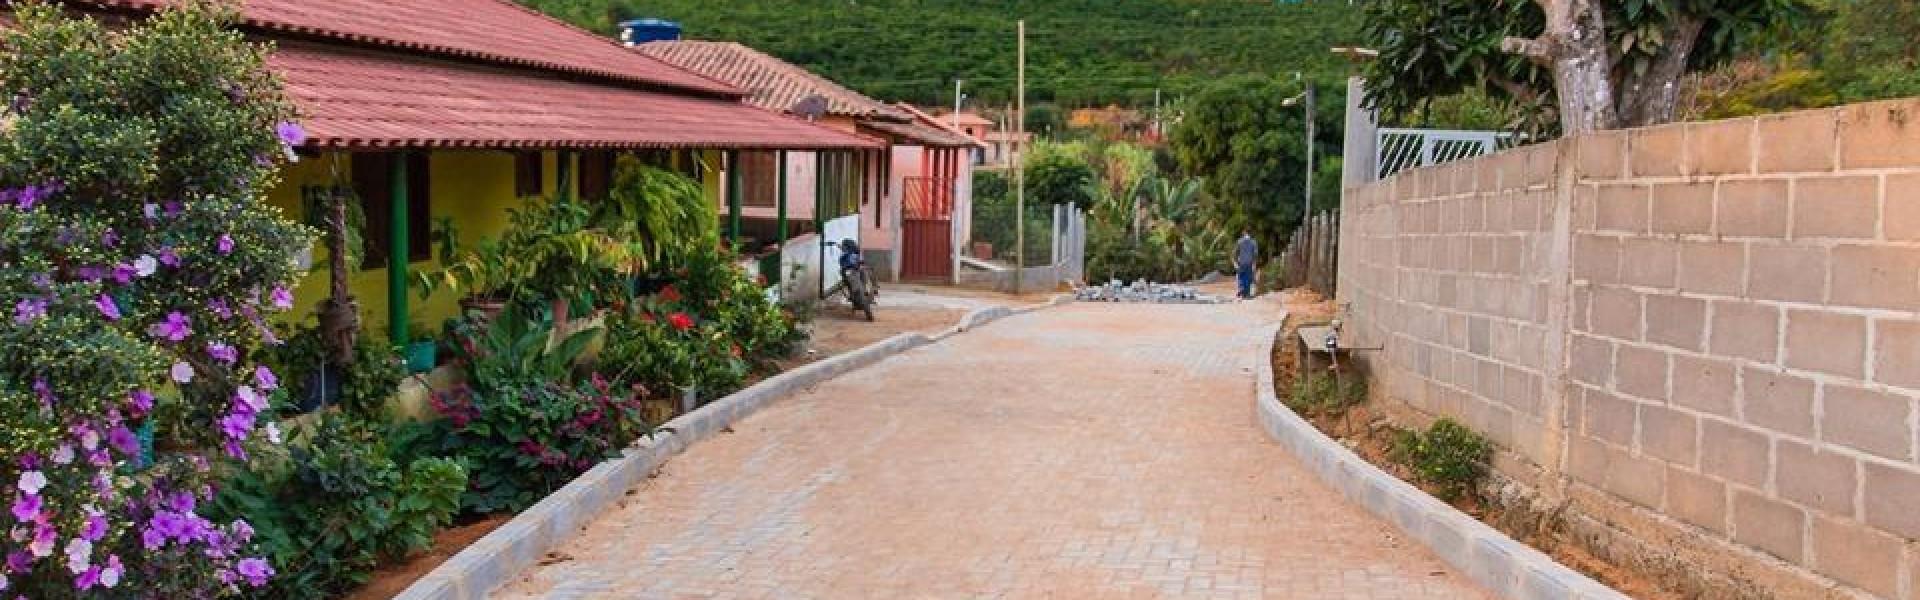 Obras do calçamento rural nas localidades de Limoeiro do Caravagio e Limoeiro de Santo Antônio